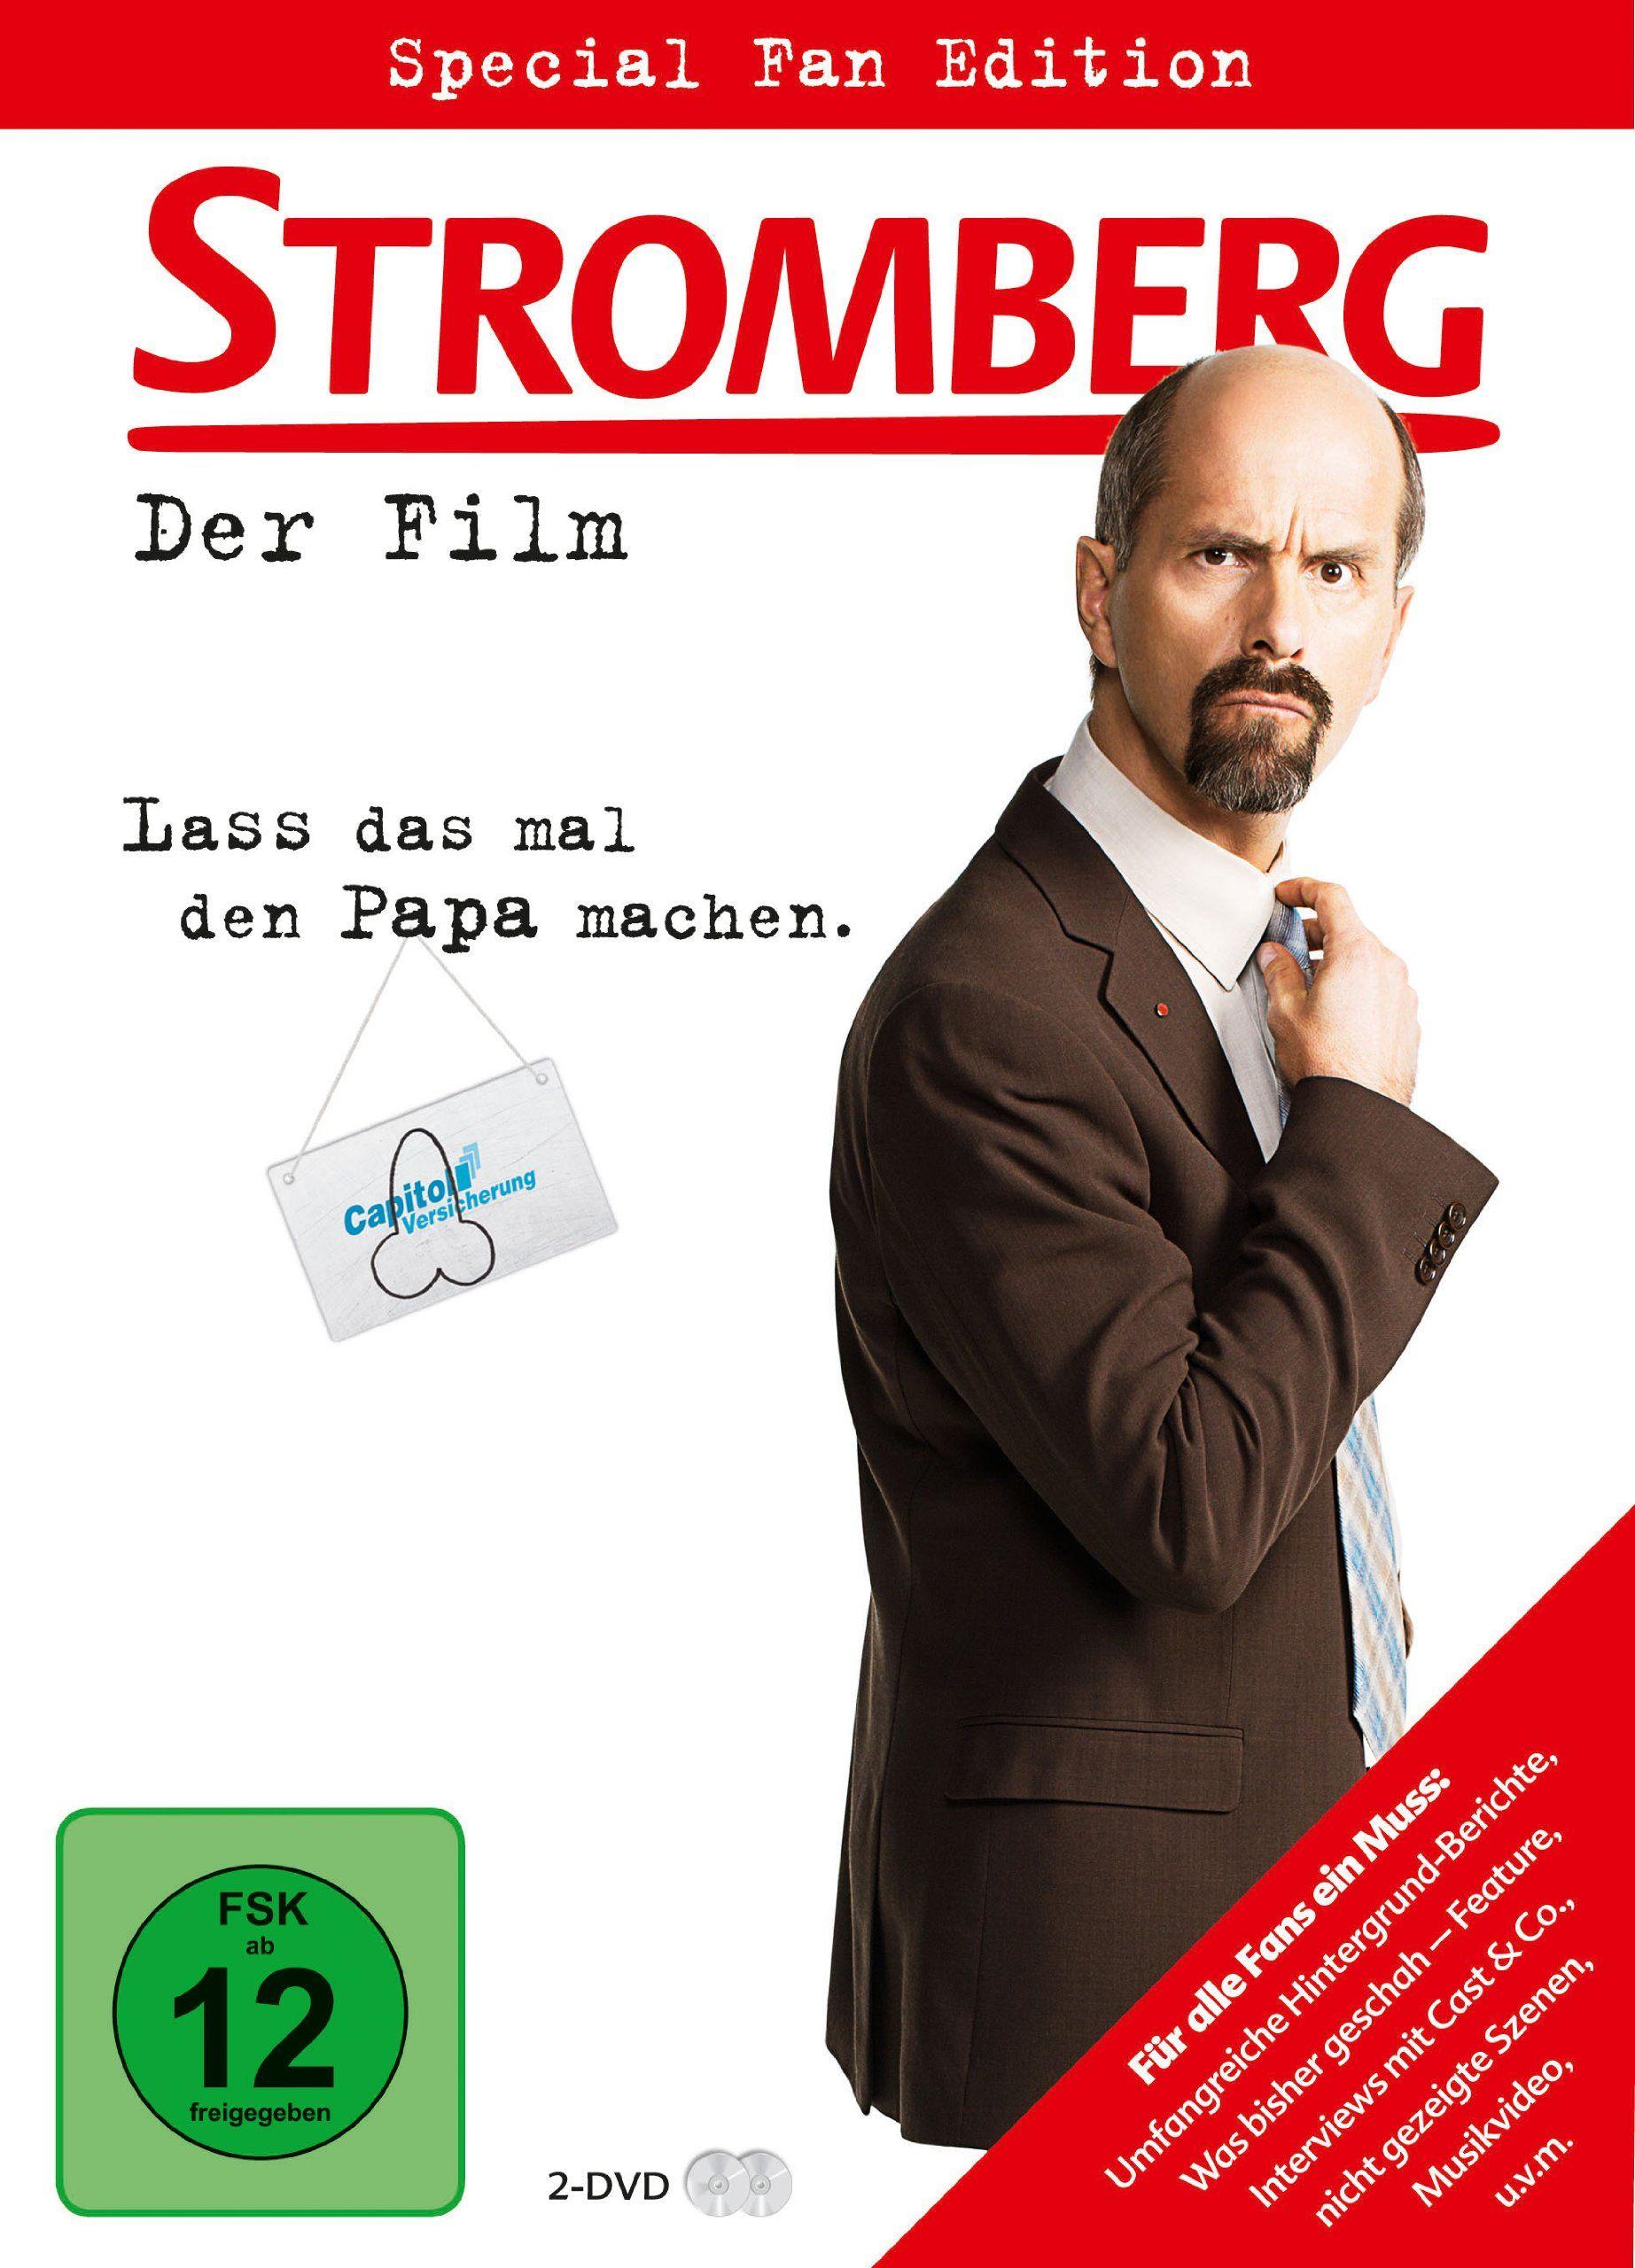 Stromberg Der Film Filme Pinterest Leiden Films And Movie